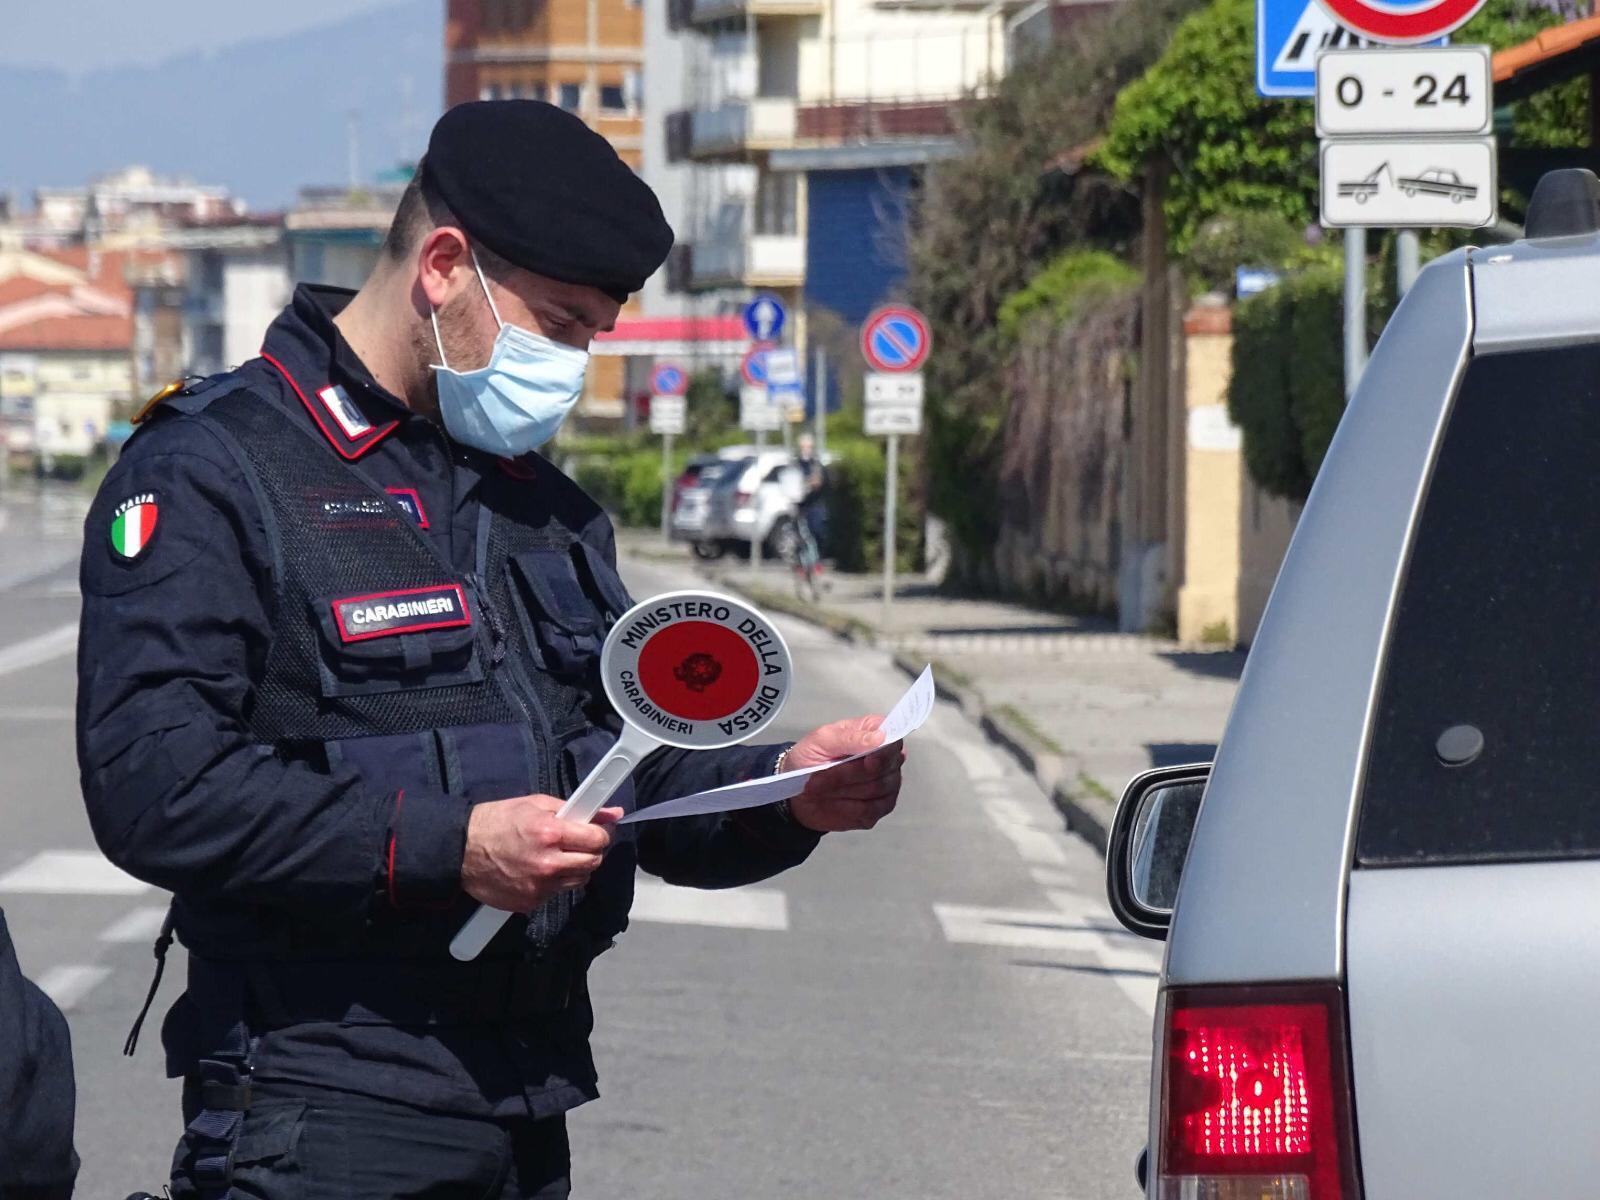 Lido di Camaiore: allaccio abusivo alla corrente elettrica, denunciato dai Carabinieri